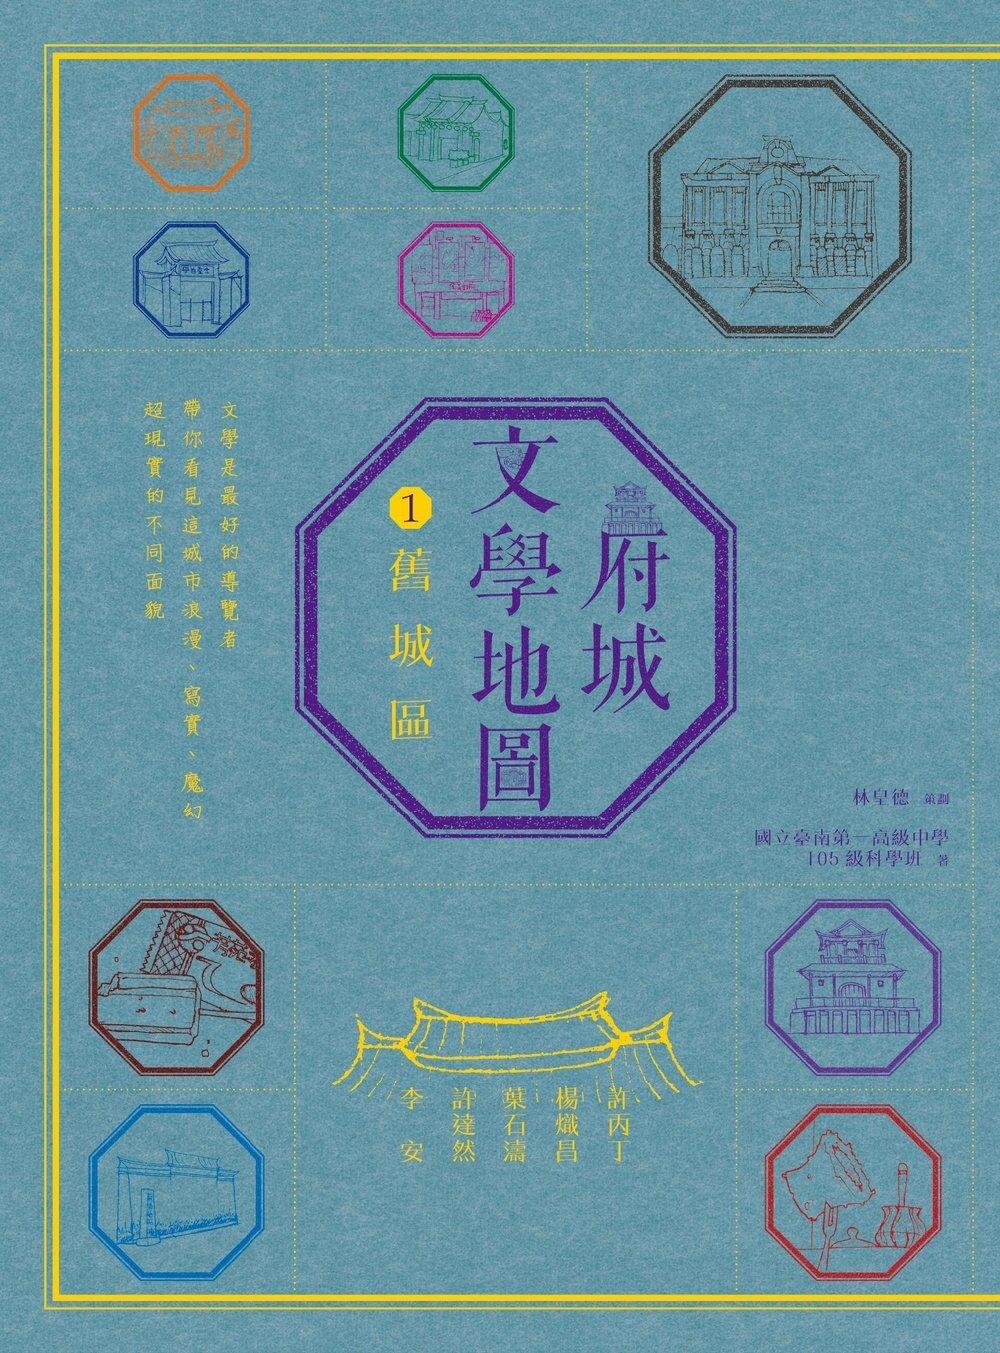 府城文學地圖 1:舊城區